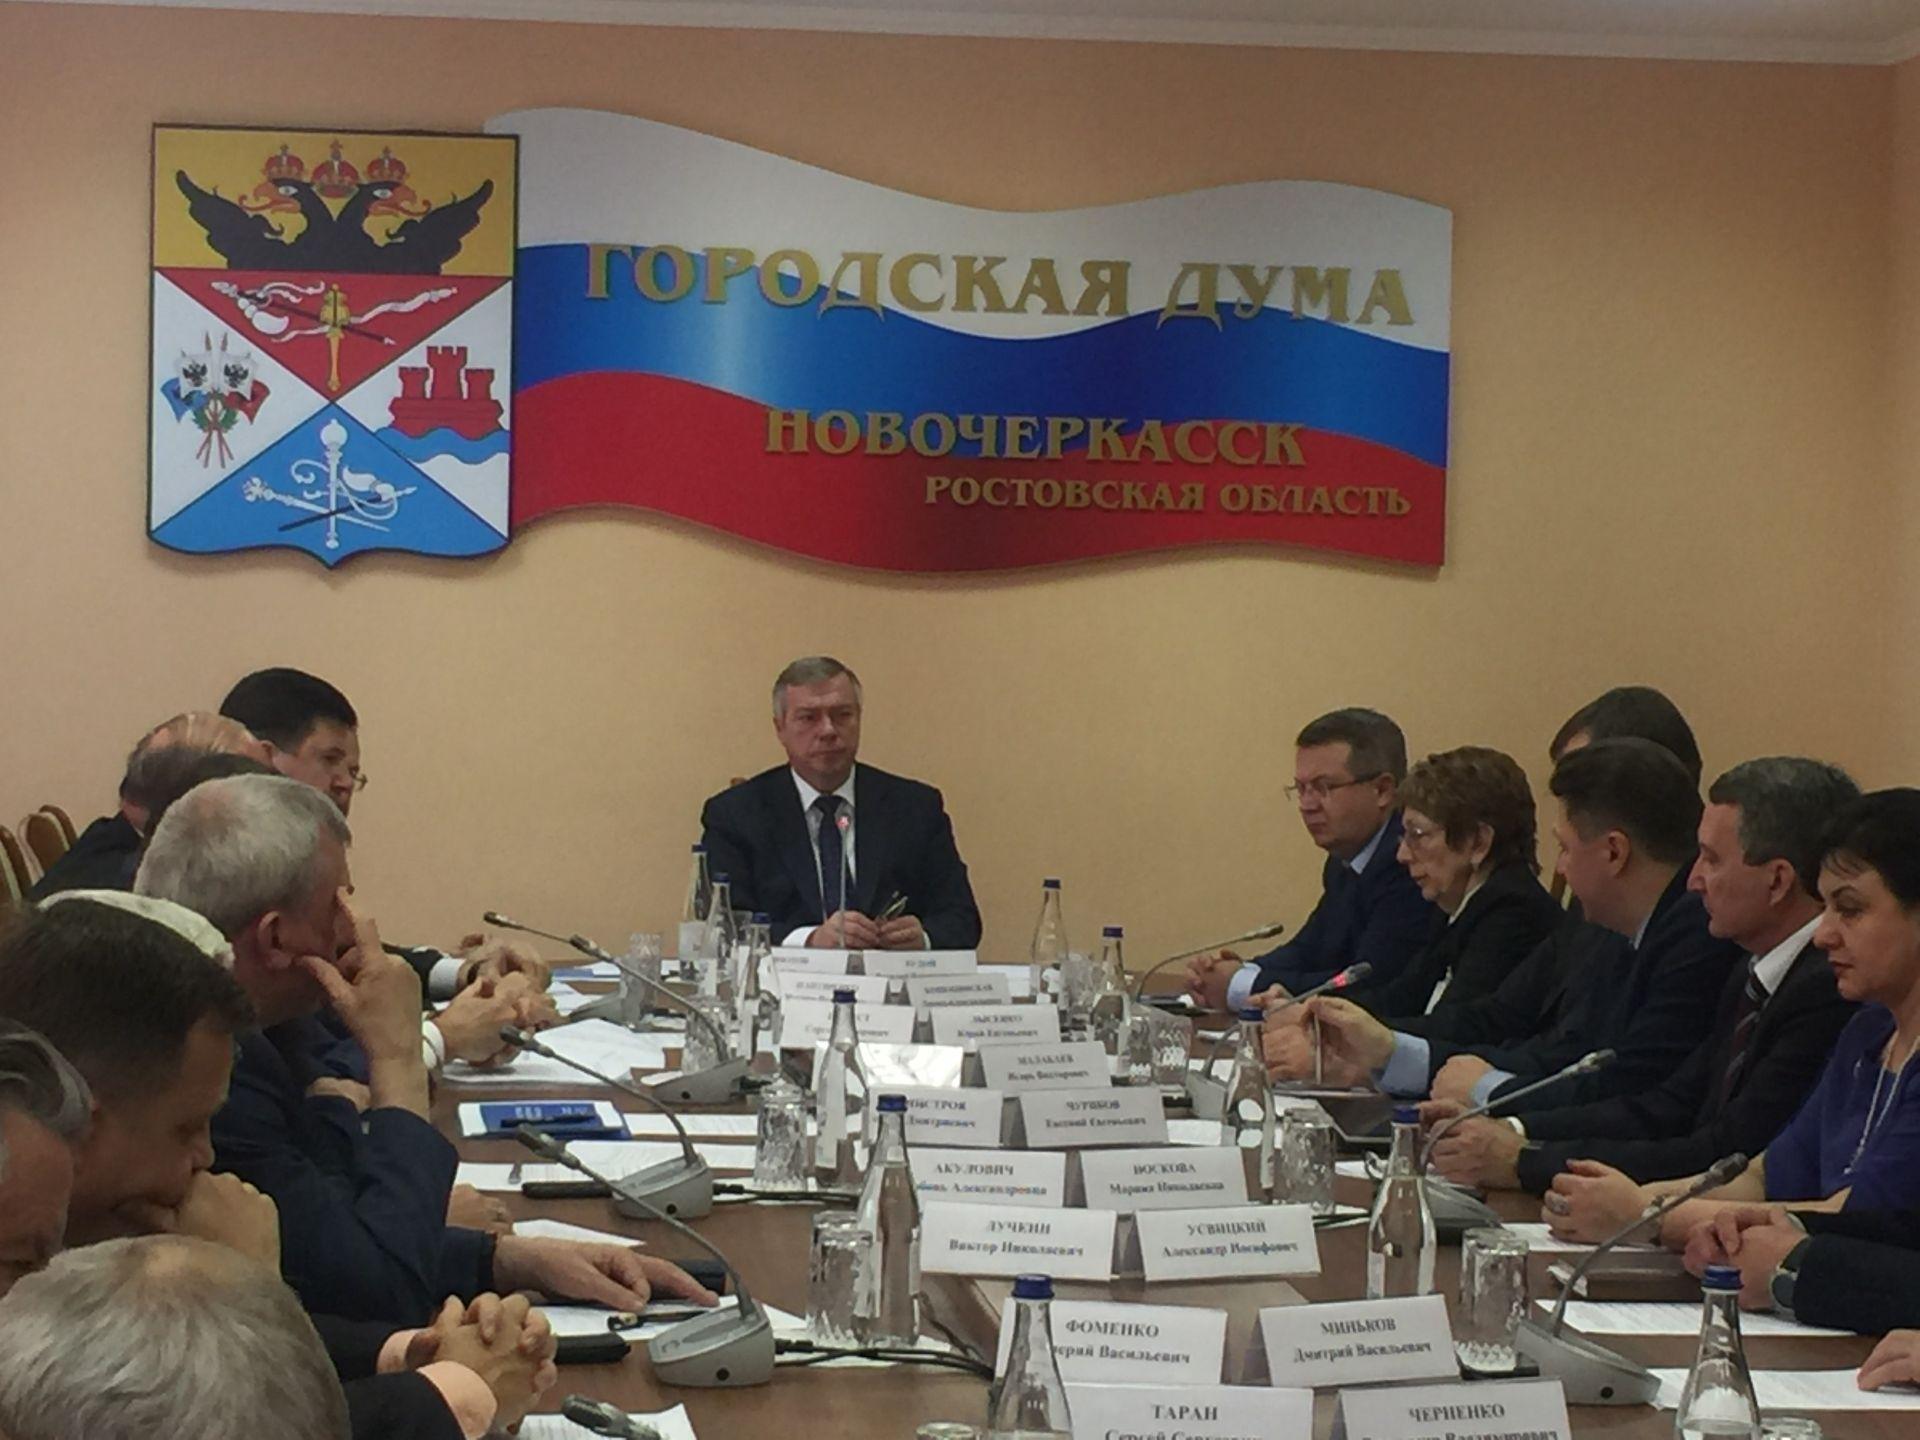 Глава Донского региона удовлетворён состоянием нового парка в Новочеркасске